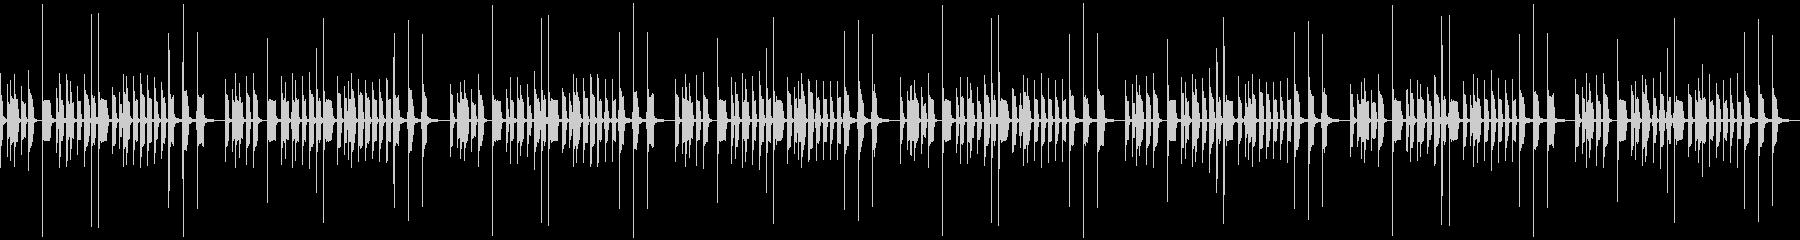 ひょうきんなイメージのBGMの未再生の波形